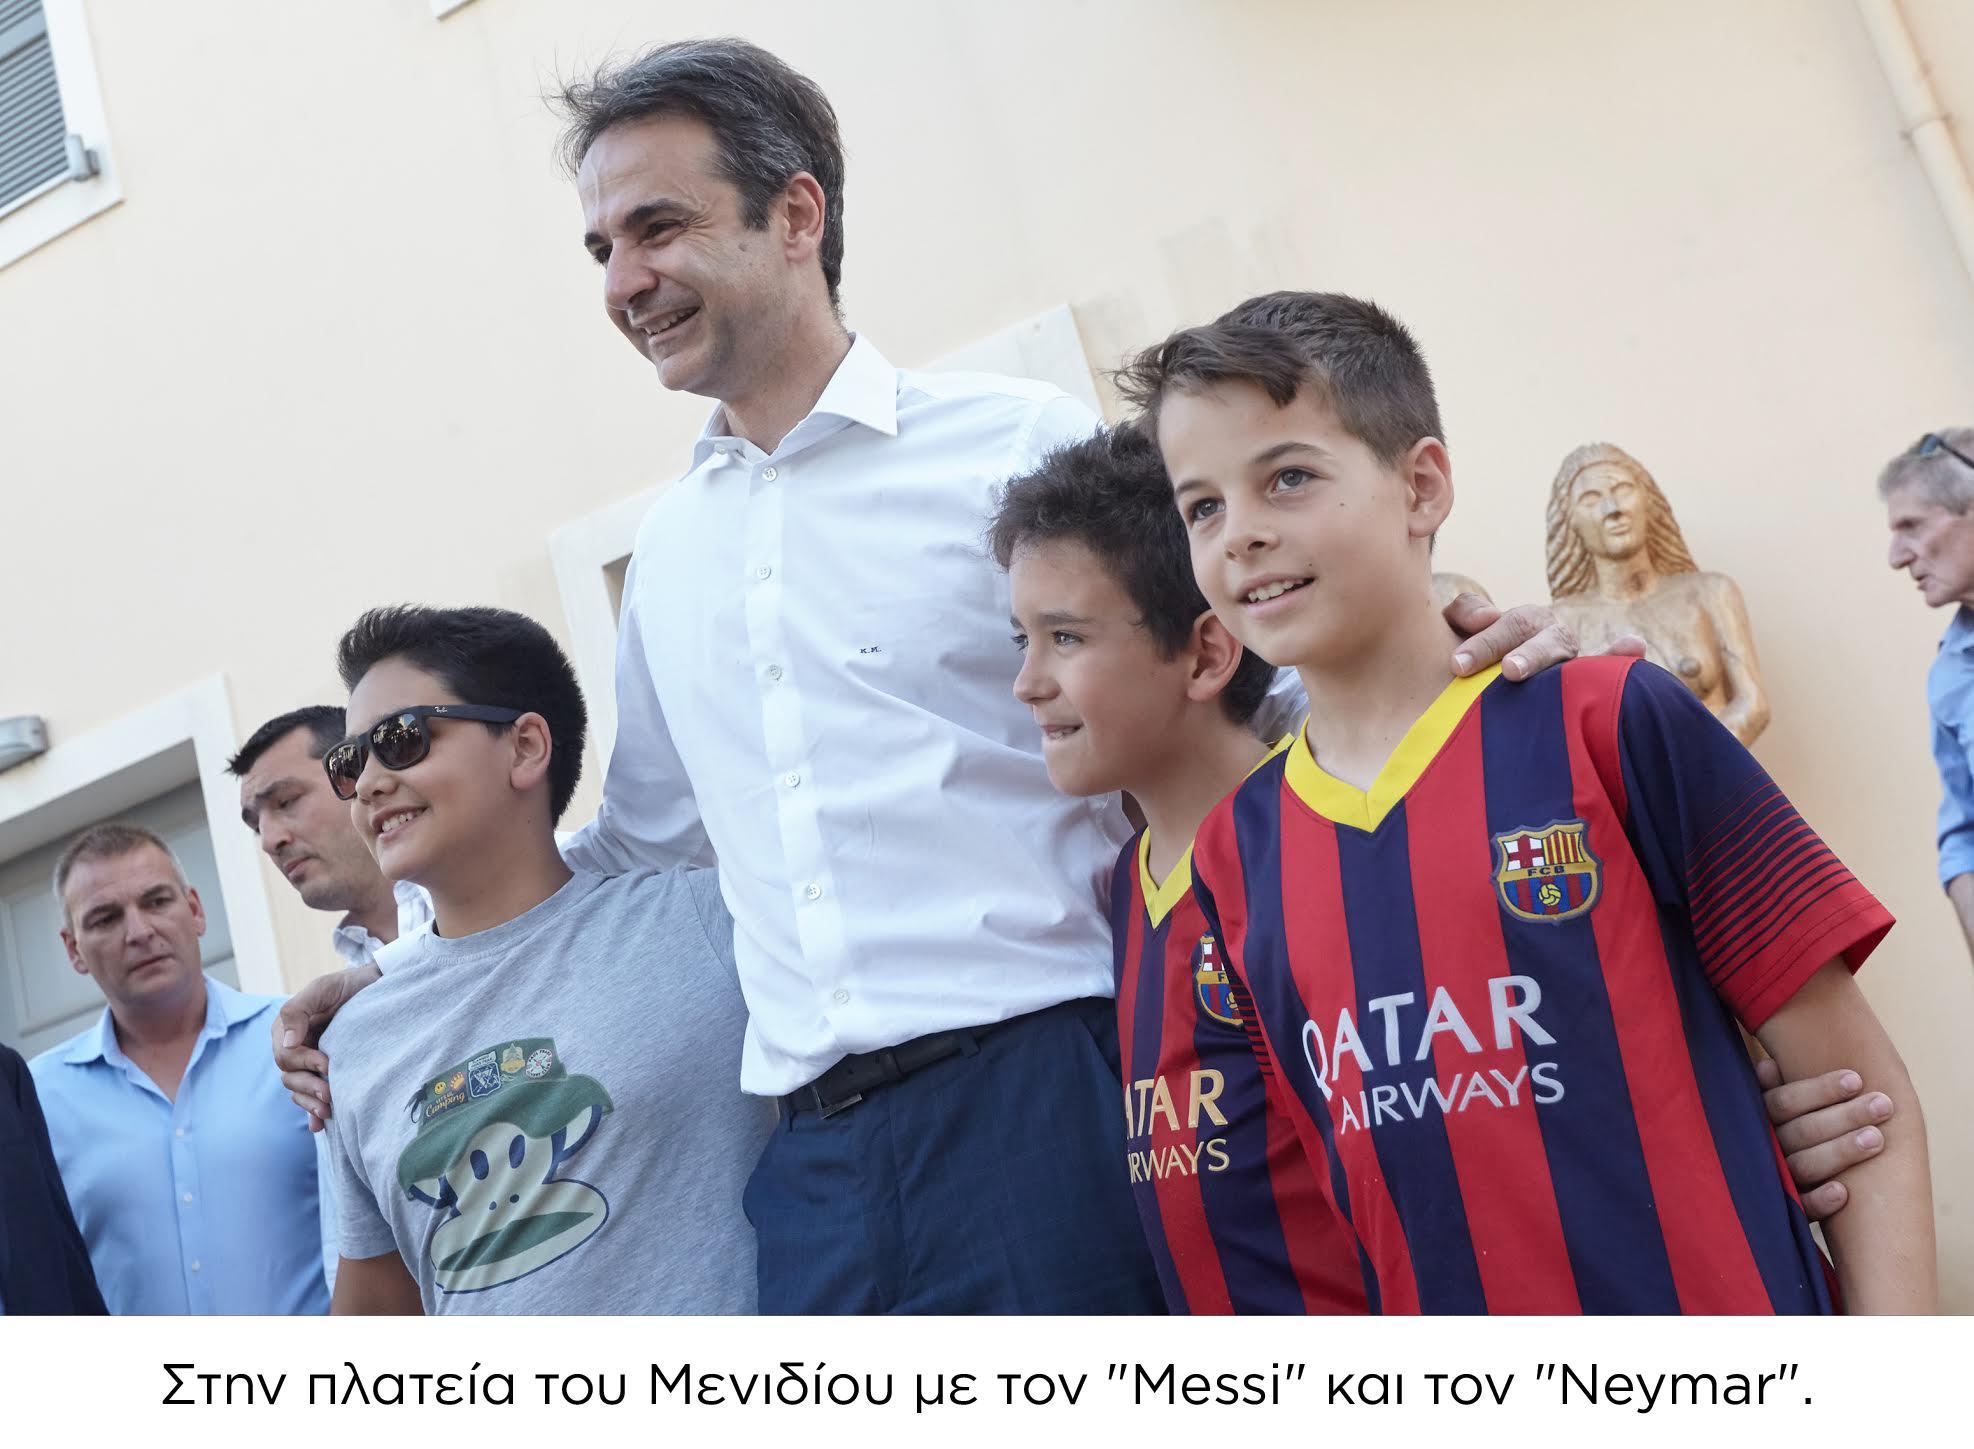 mitsotakis-1xronos3-1300 «Backstage» φωτογραφίες του Κυριάκου Μητσοτάκη από τις πρώτες 365 ημέρες στην προεδρία της ΝΔ